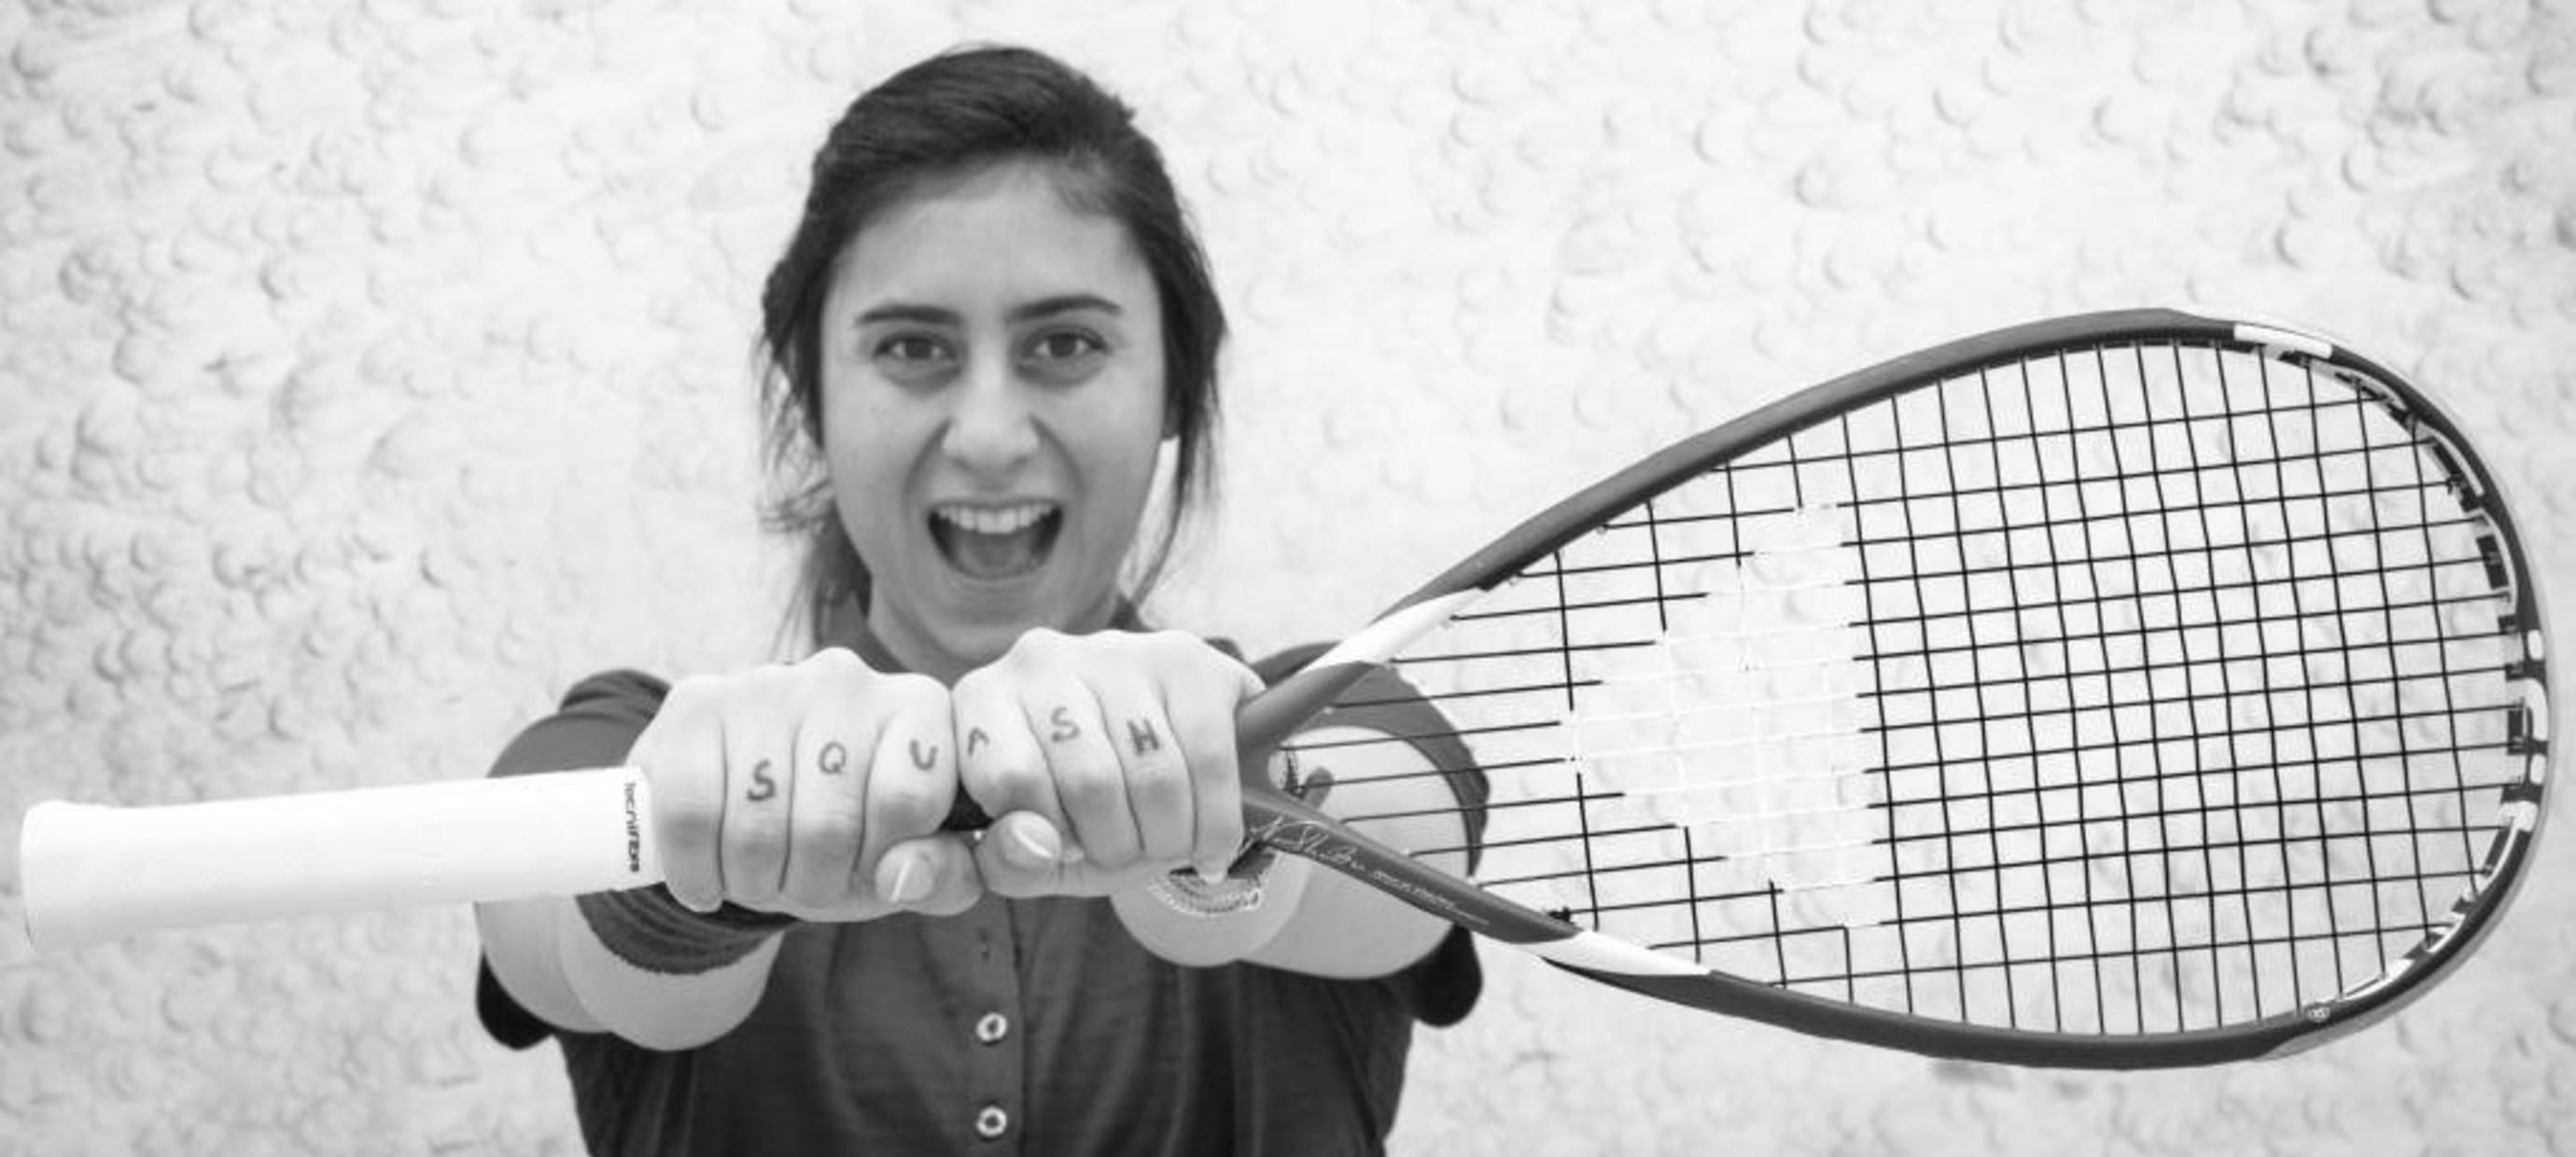 Warum Squash anfangen?